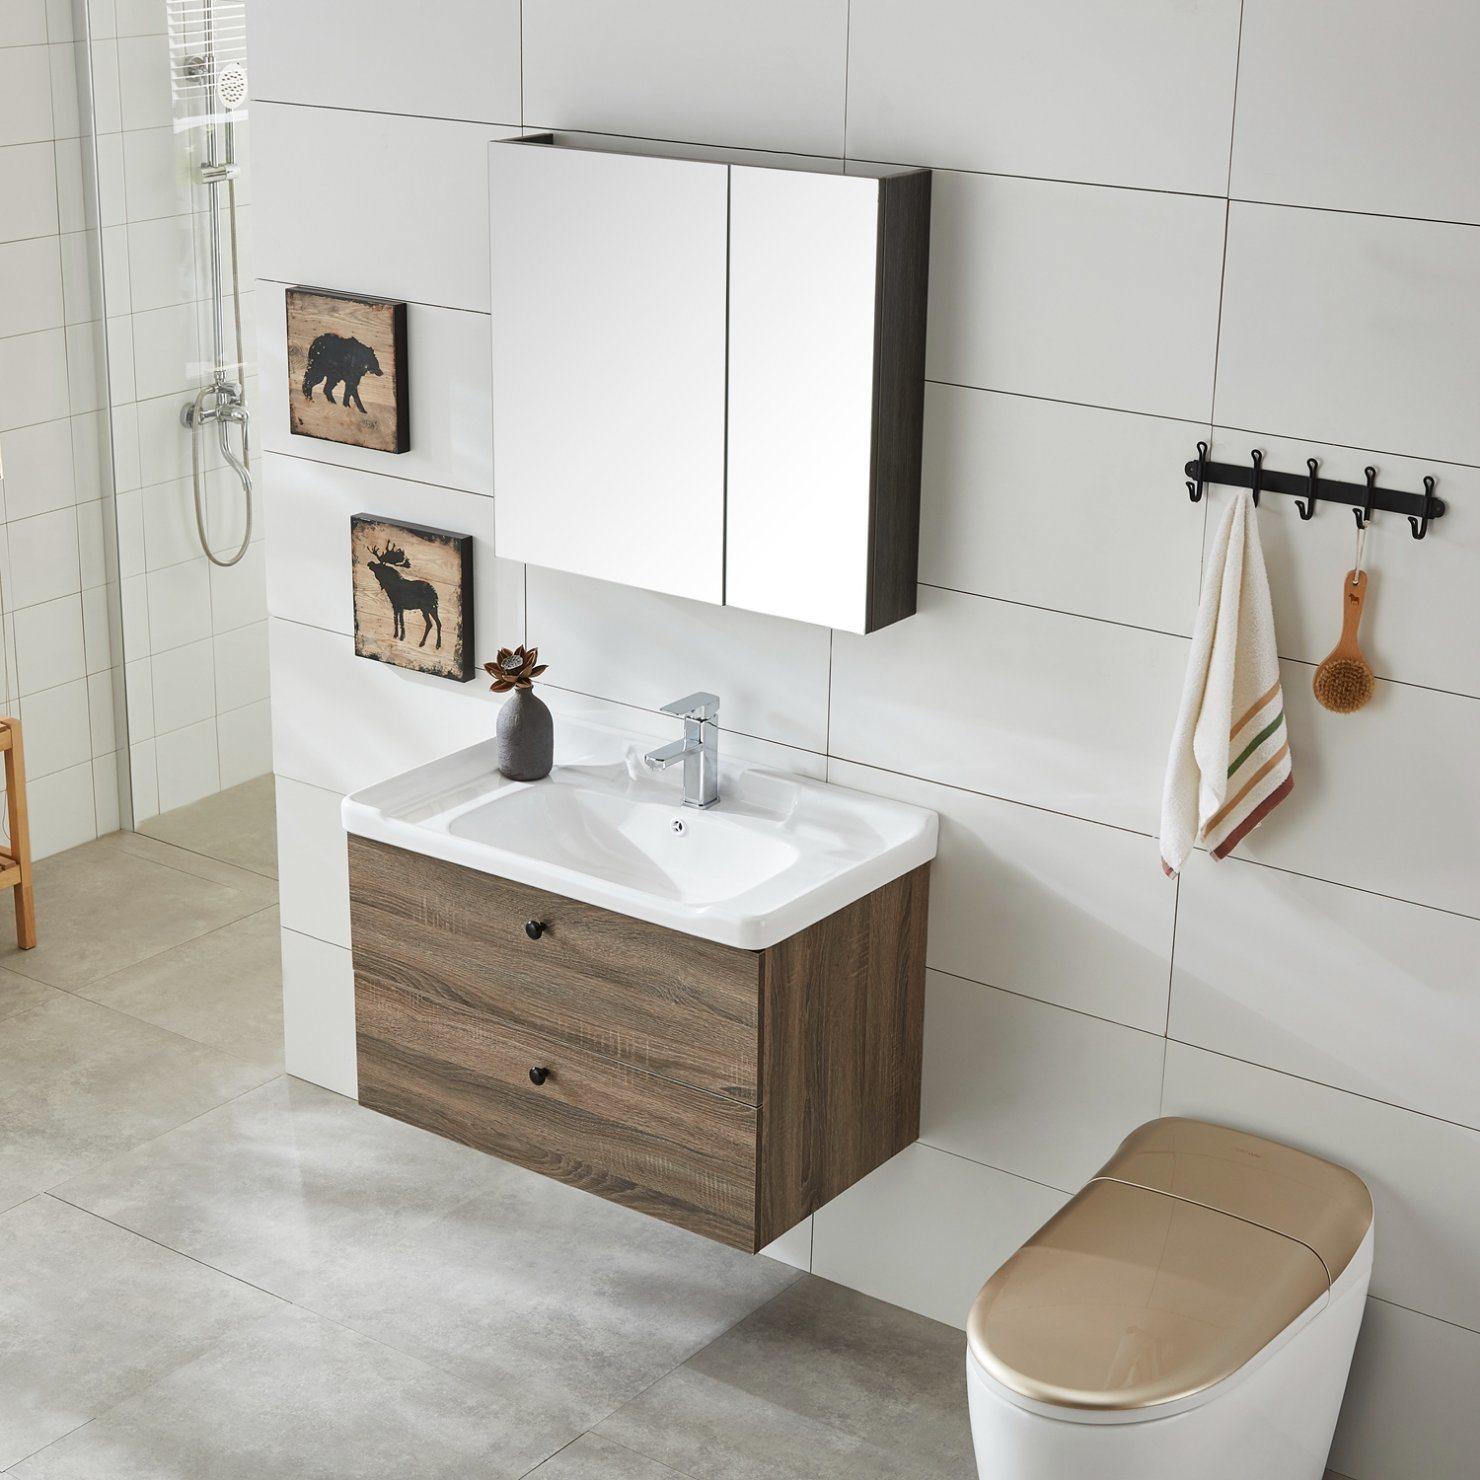 China Simple Cheap Modern Home Bathroom Furniture Solid Wood Bathroom Vanities China Solid Wood Bathroom Cabinet Bath Cabinet